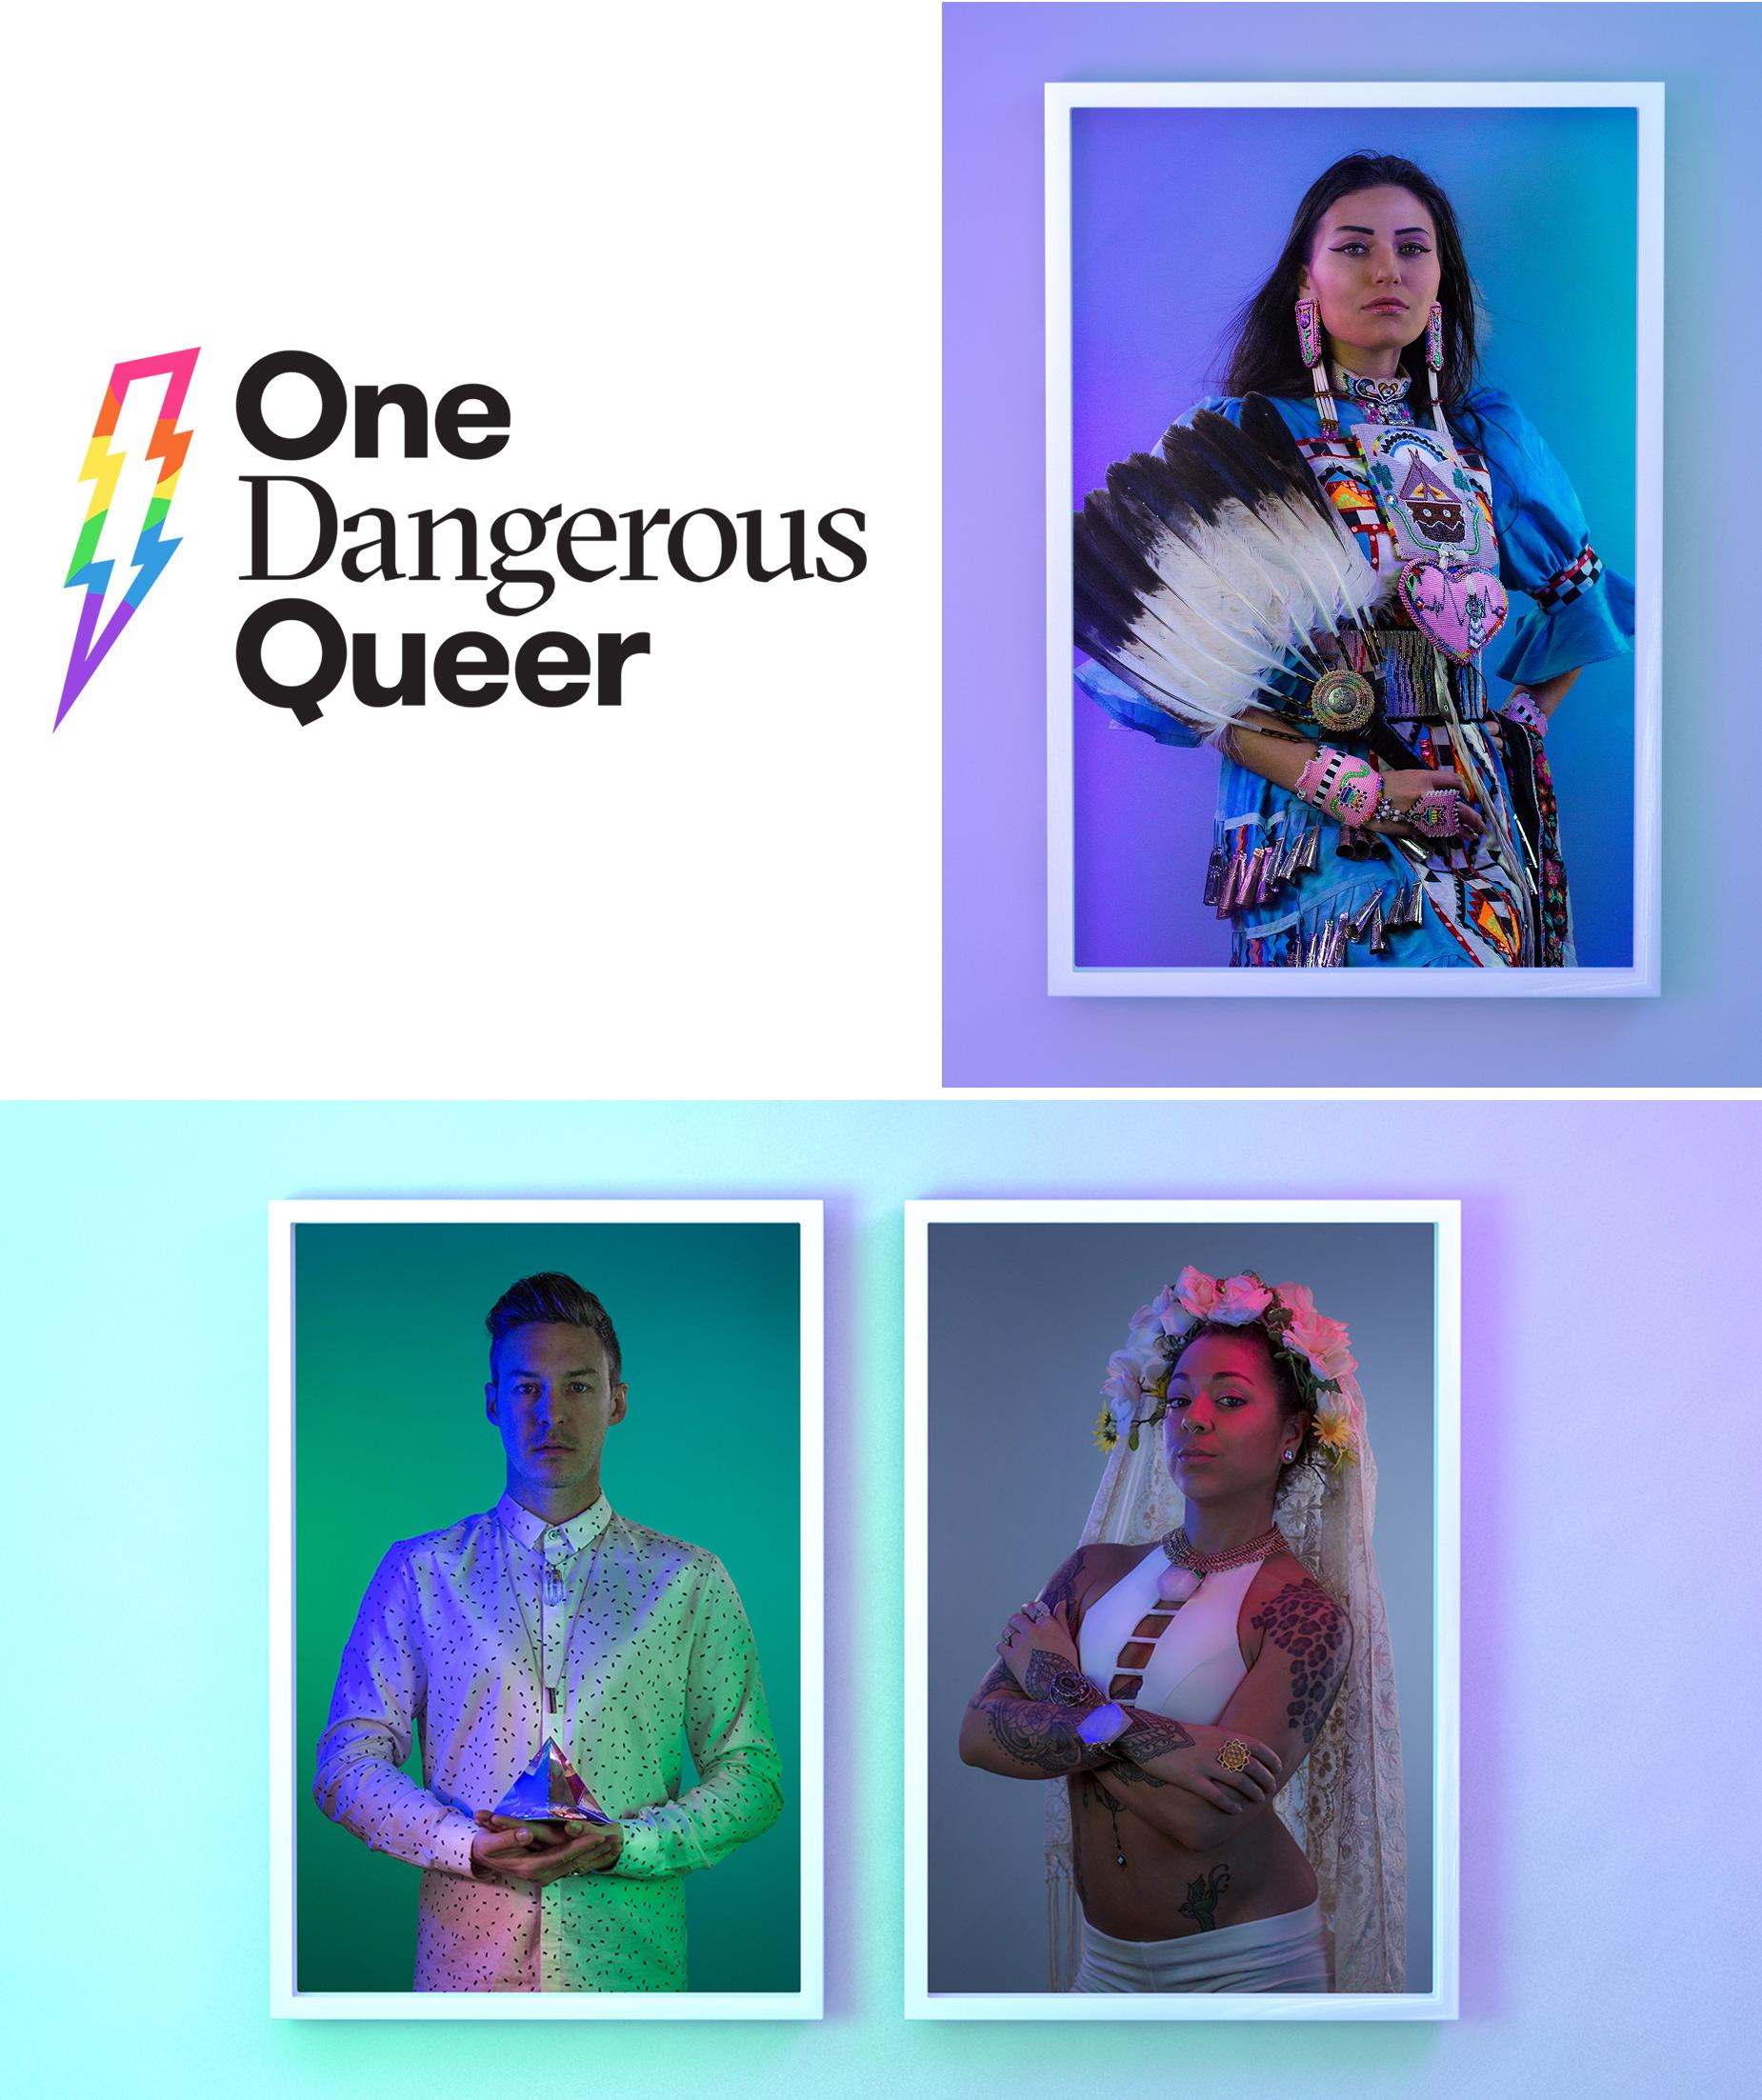 One Dangerous Queer